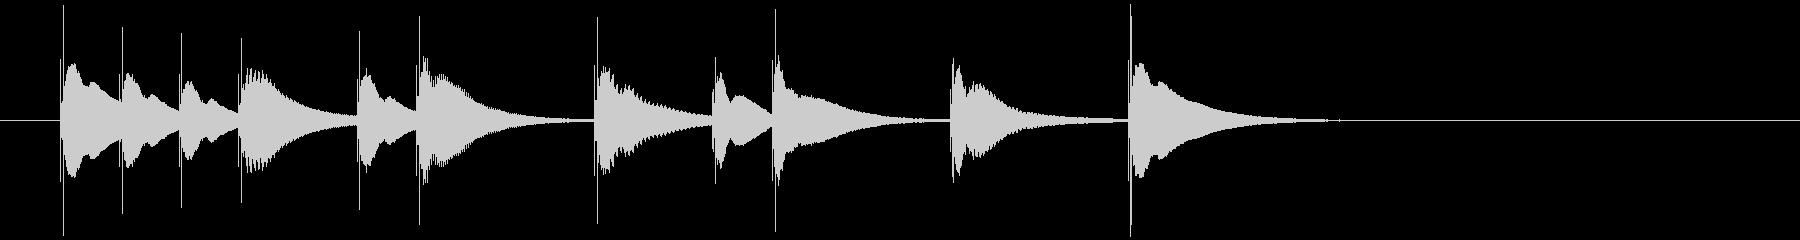 明るく可愛らしい木琴のジングル5の未再生の波形